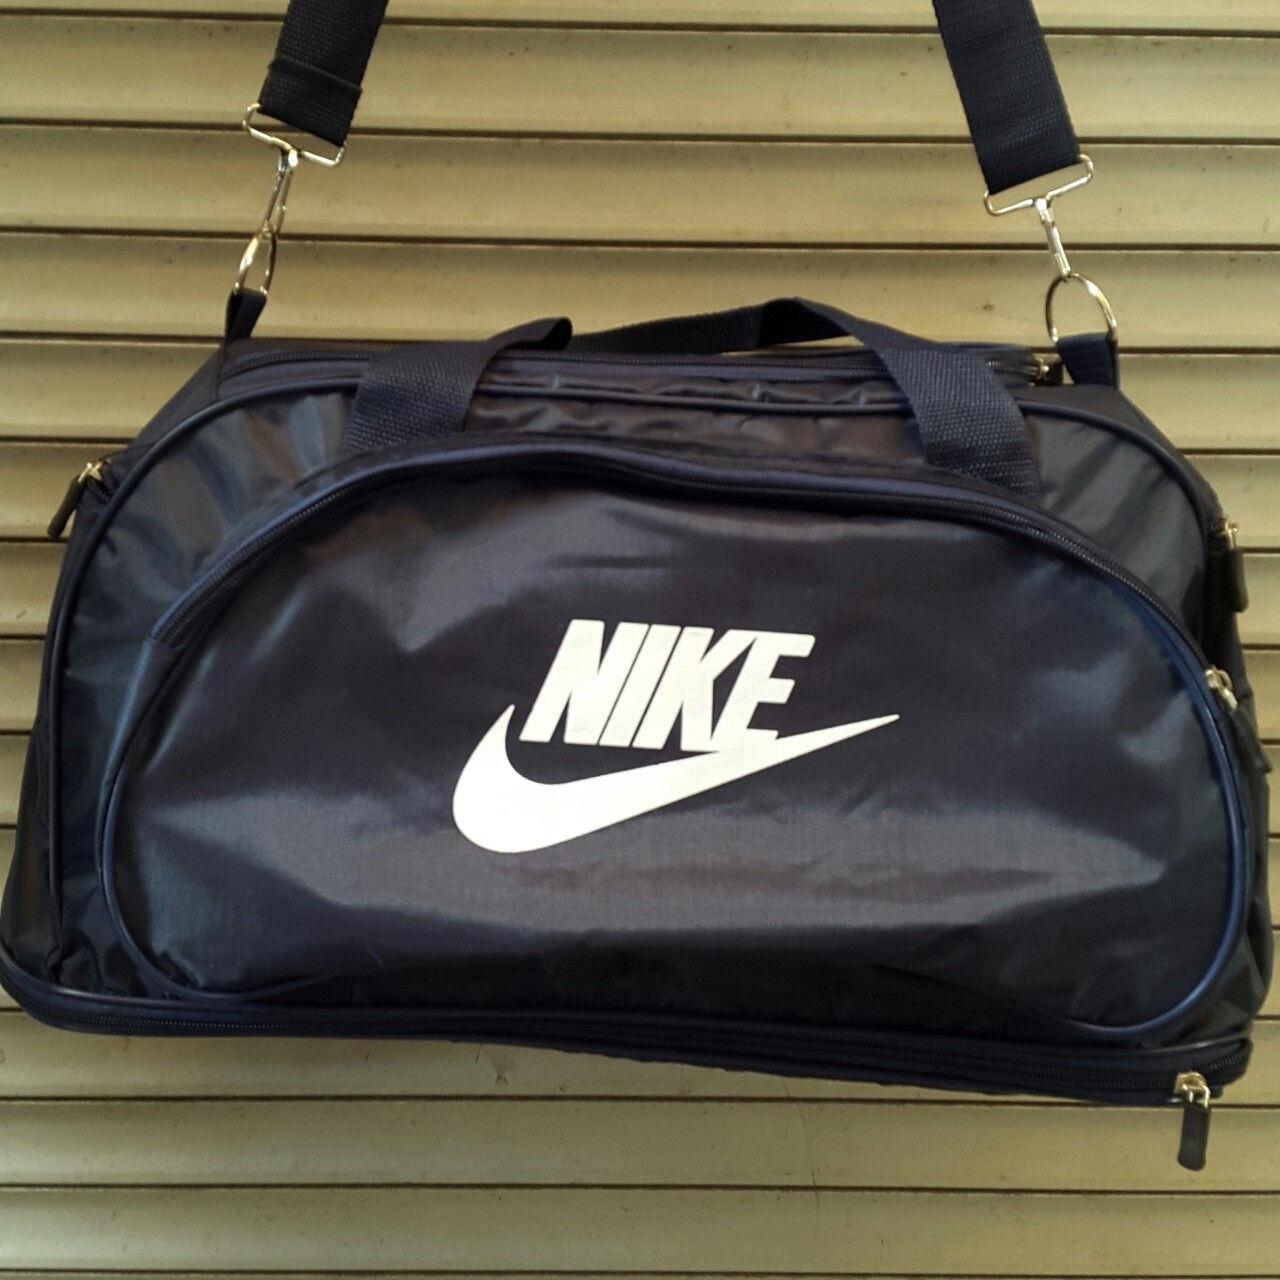 b97109dc Сумка дорожная, спортивная Nike, Найк темно-синяя (45*26): продажа ...